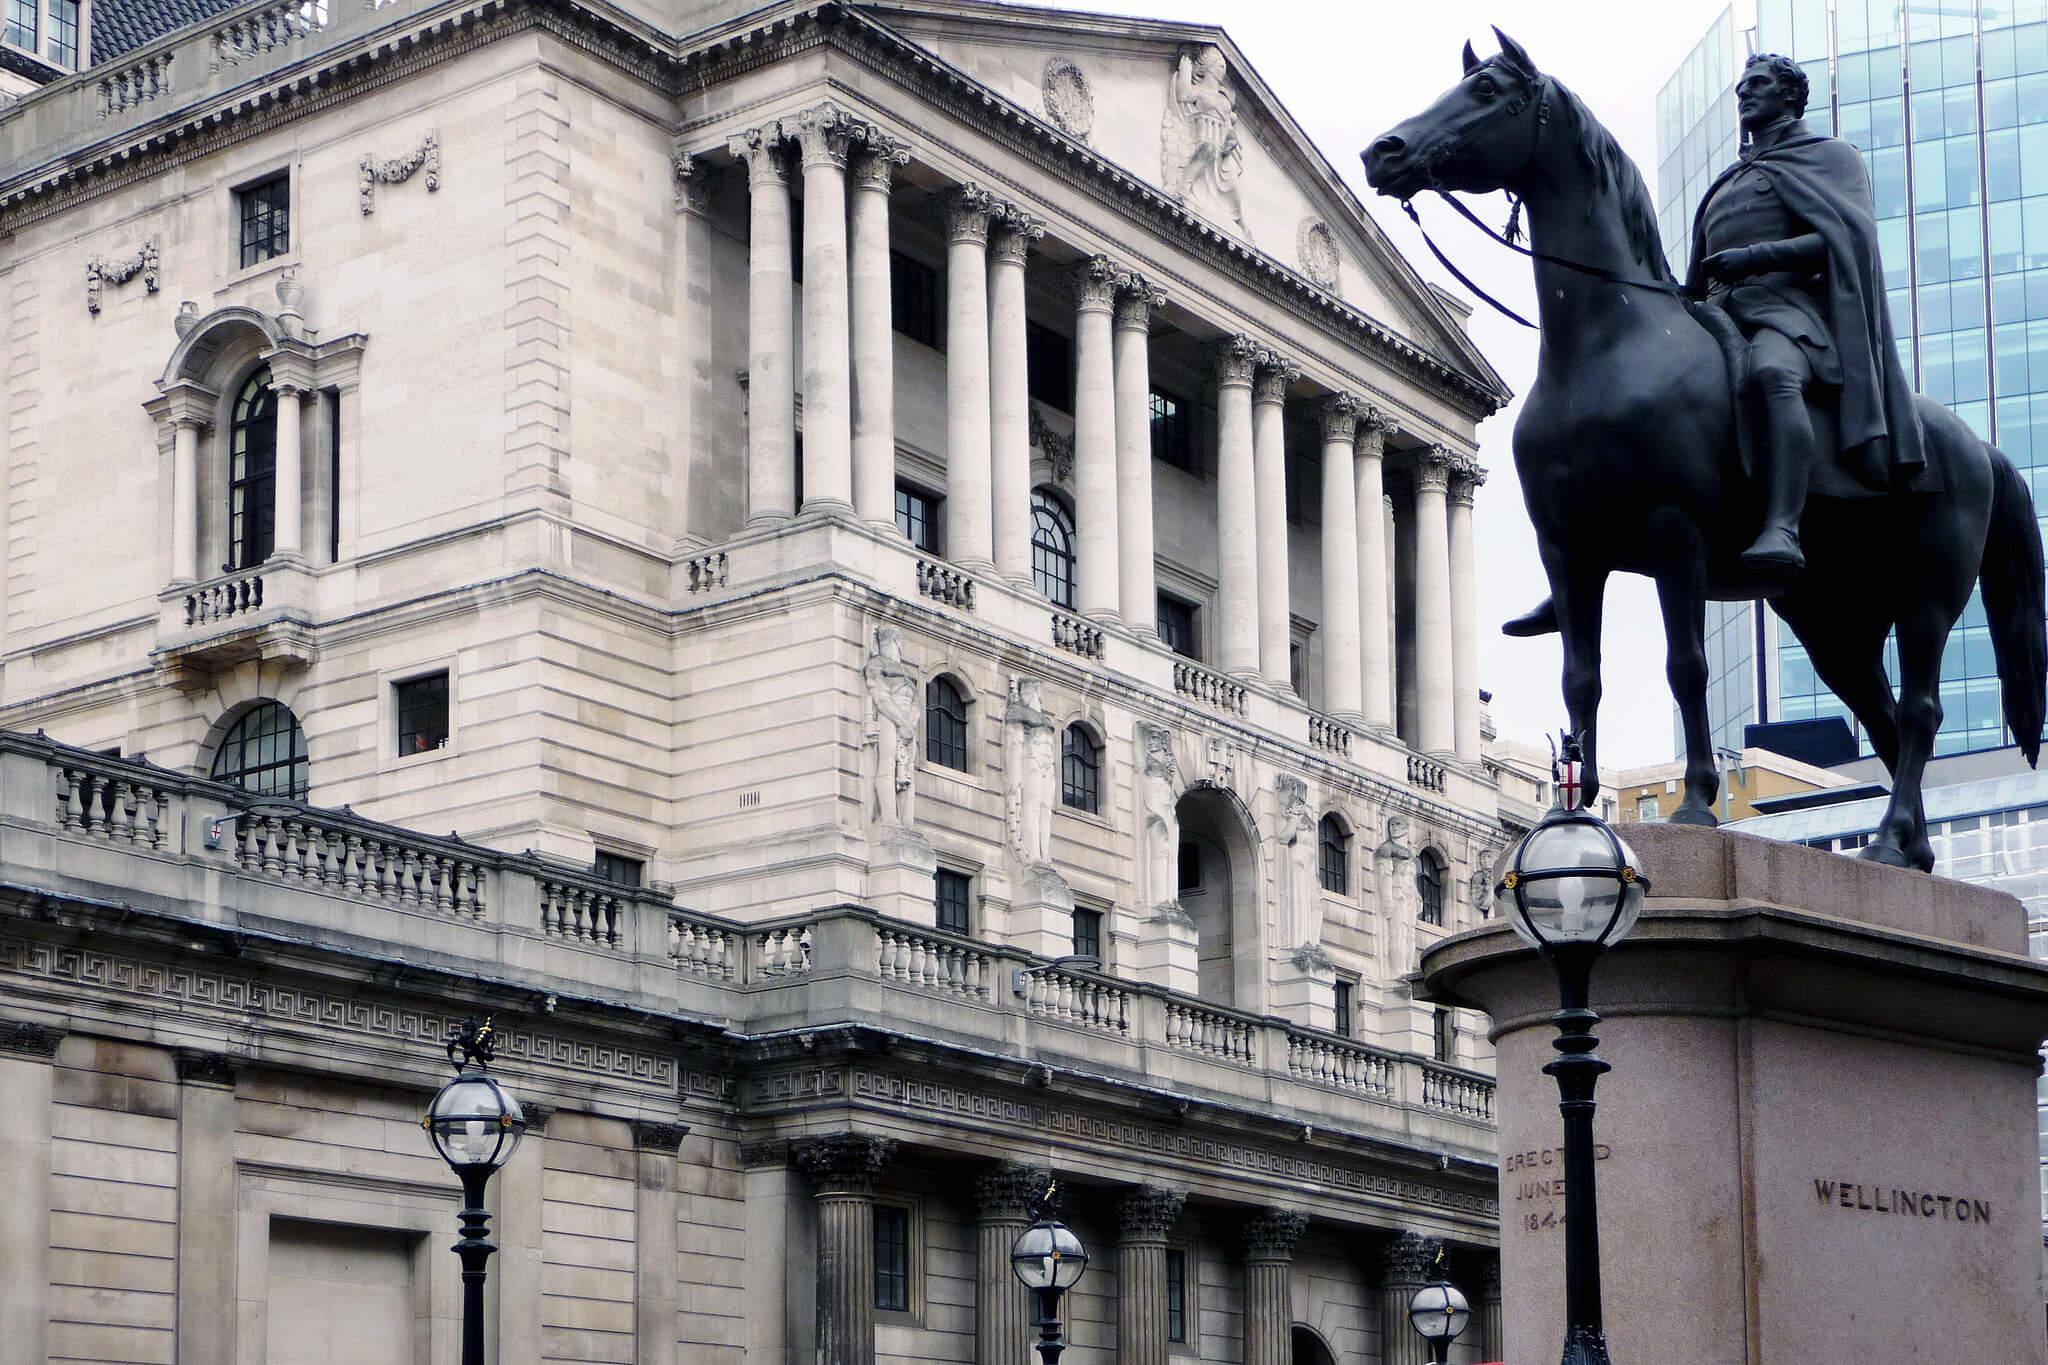 Truuli - Bank of England